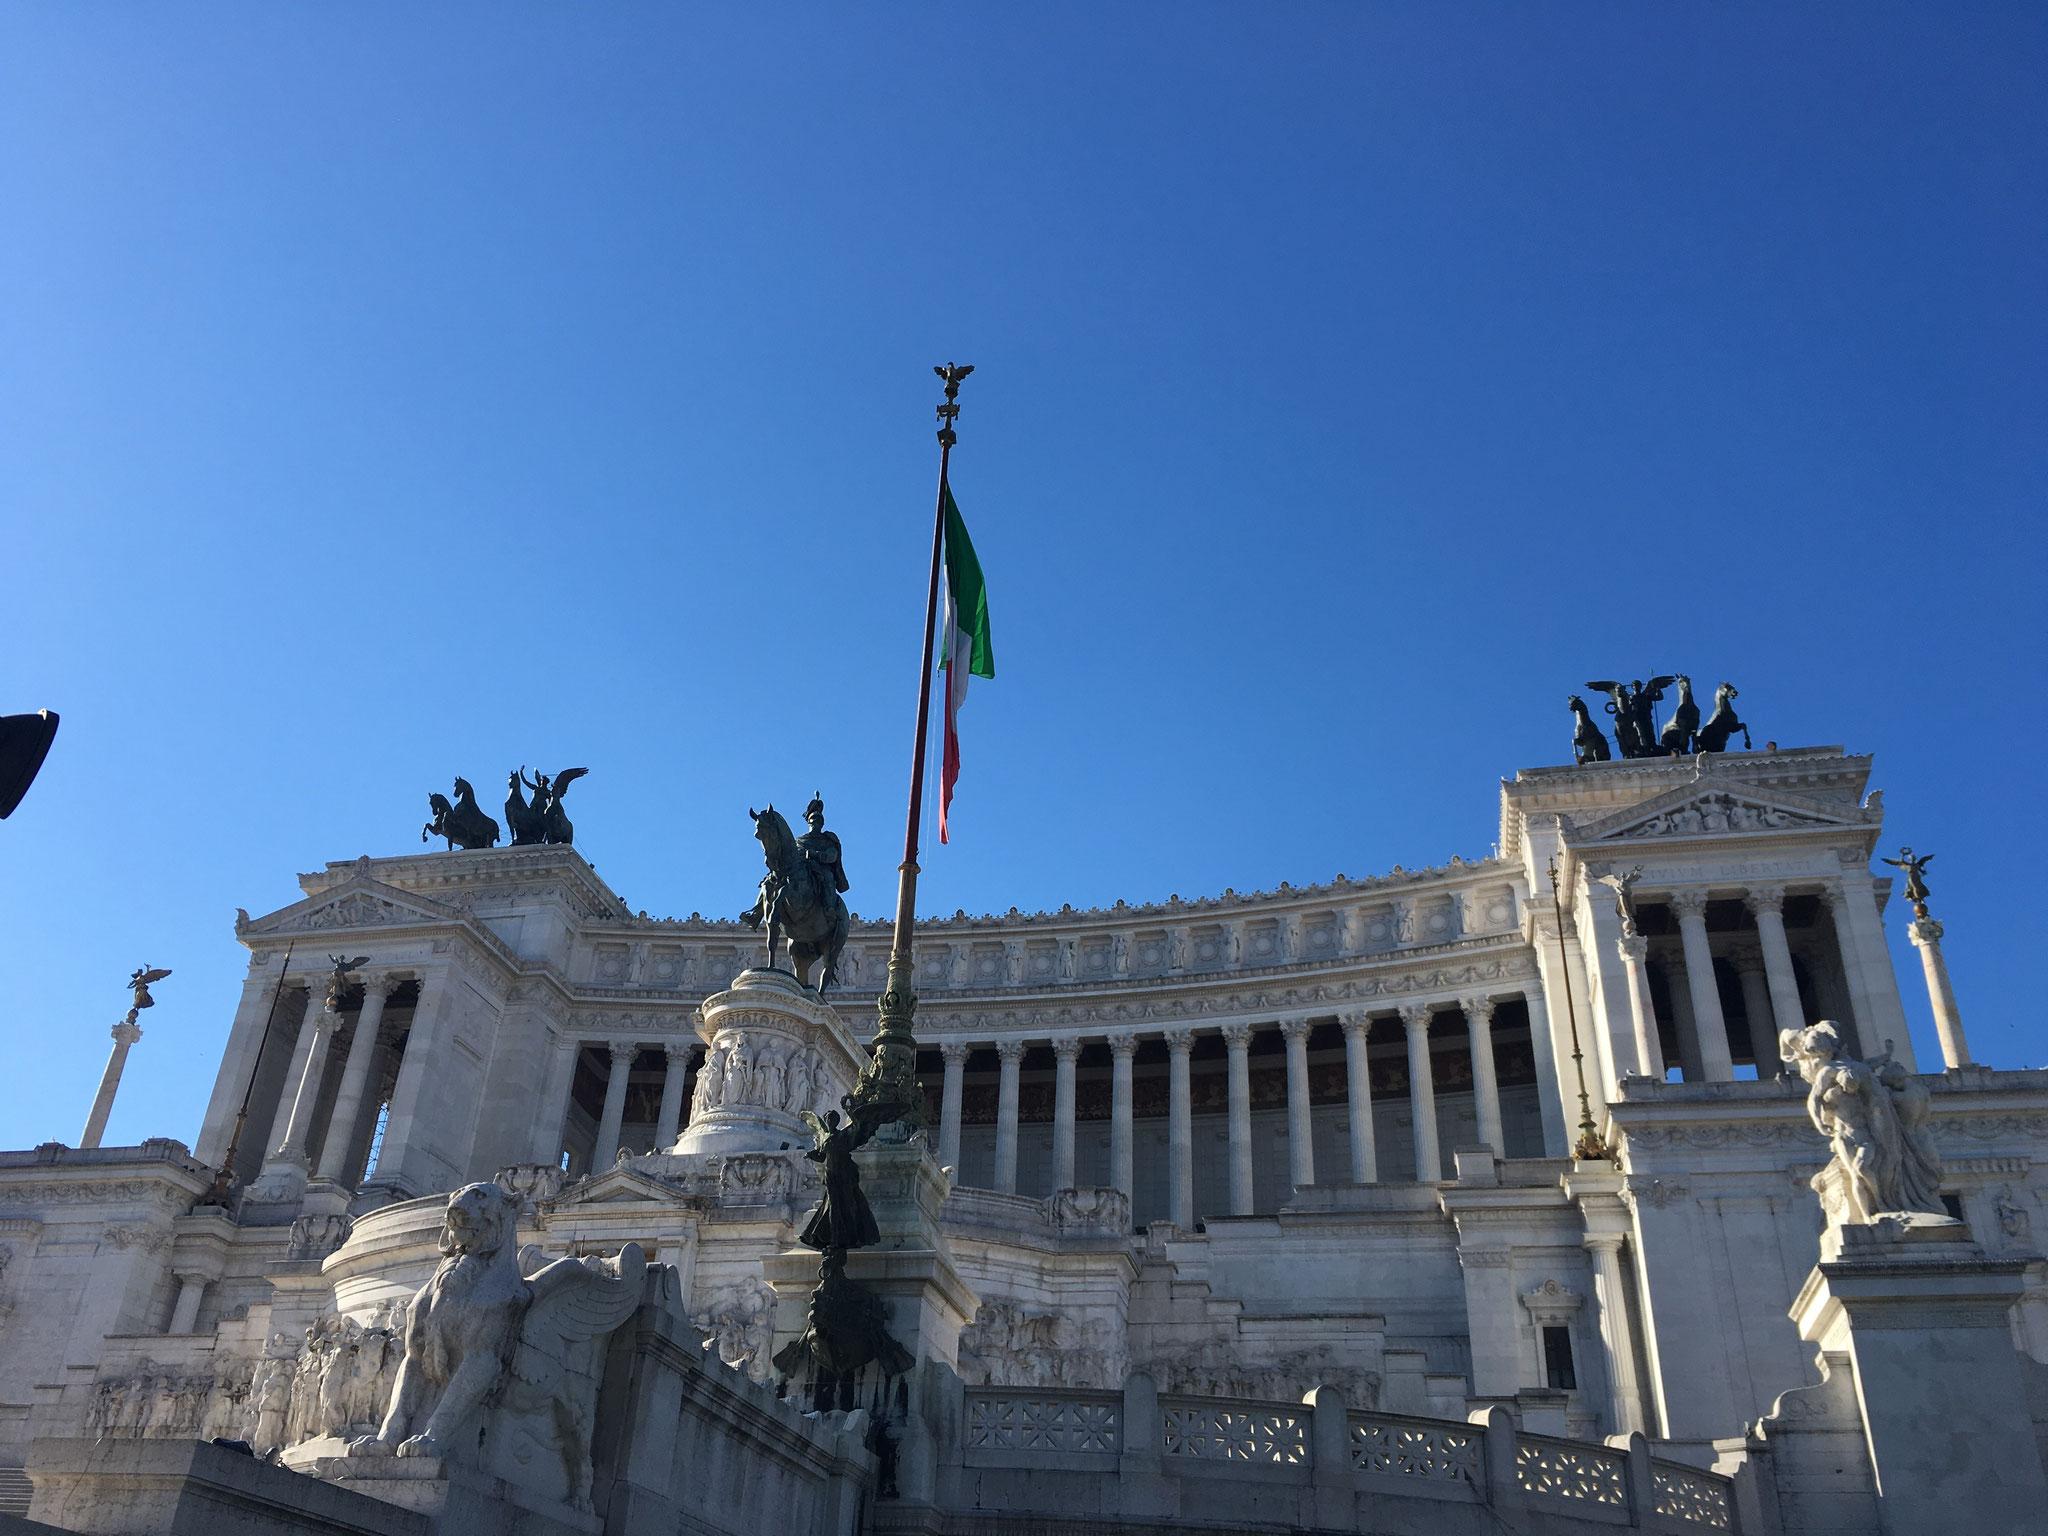 Ein Besuch des Vittoriano und seiner diversen Terrassen ist ein absolutes Vergnügen.